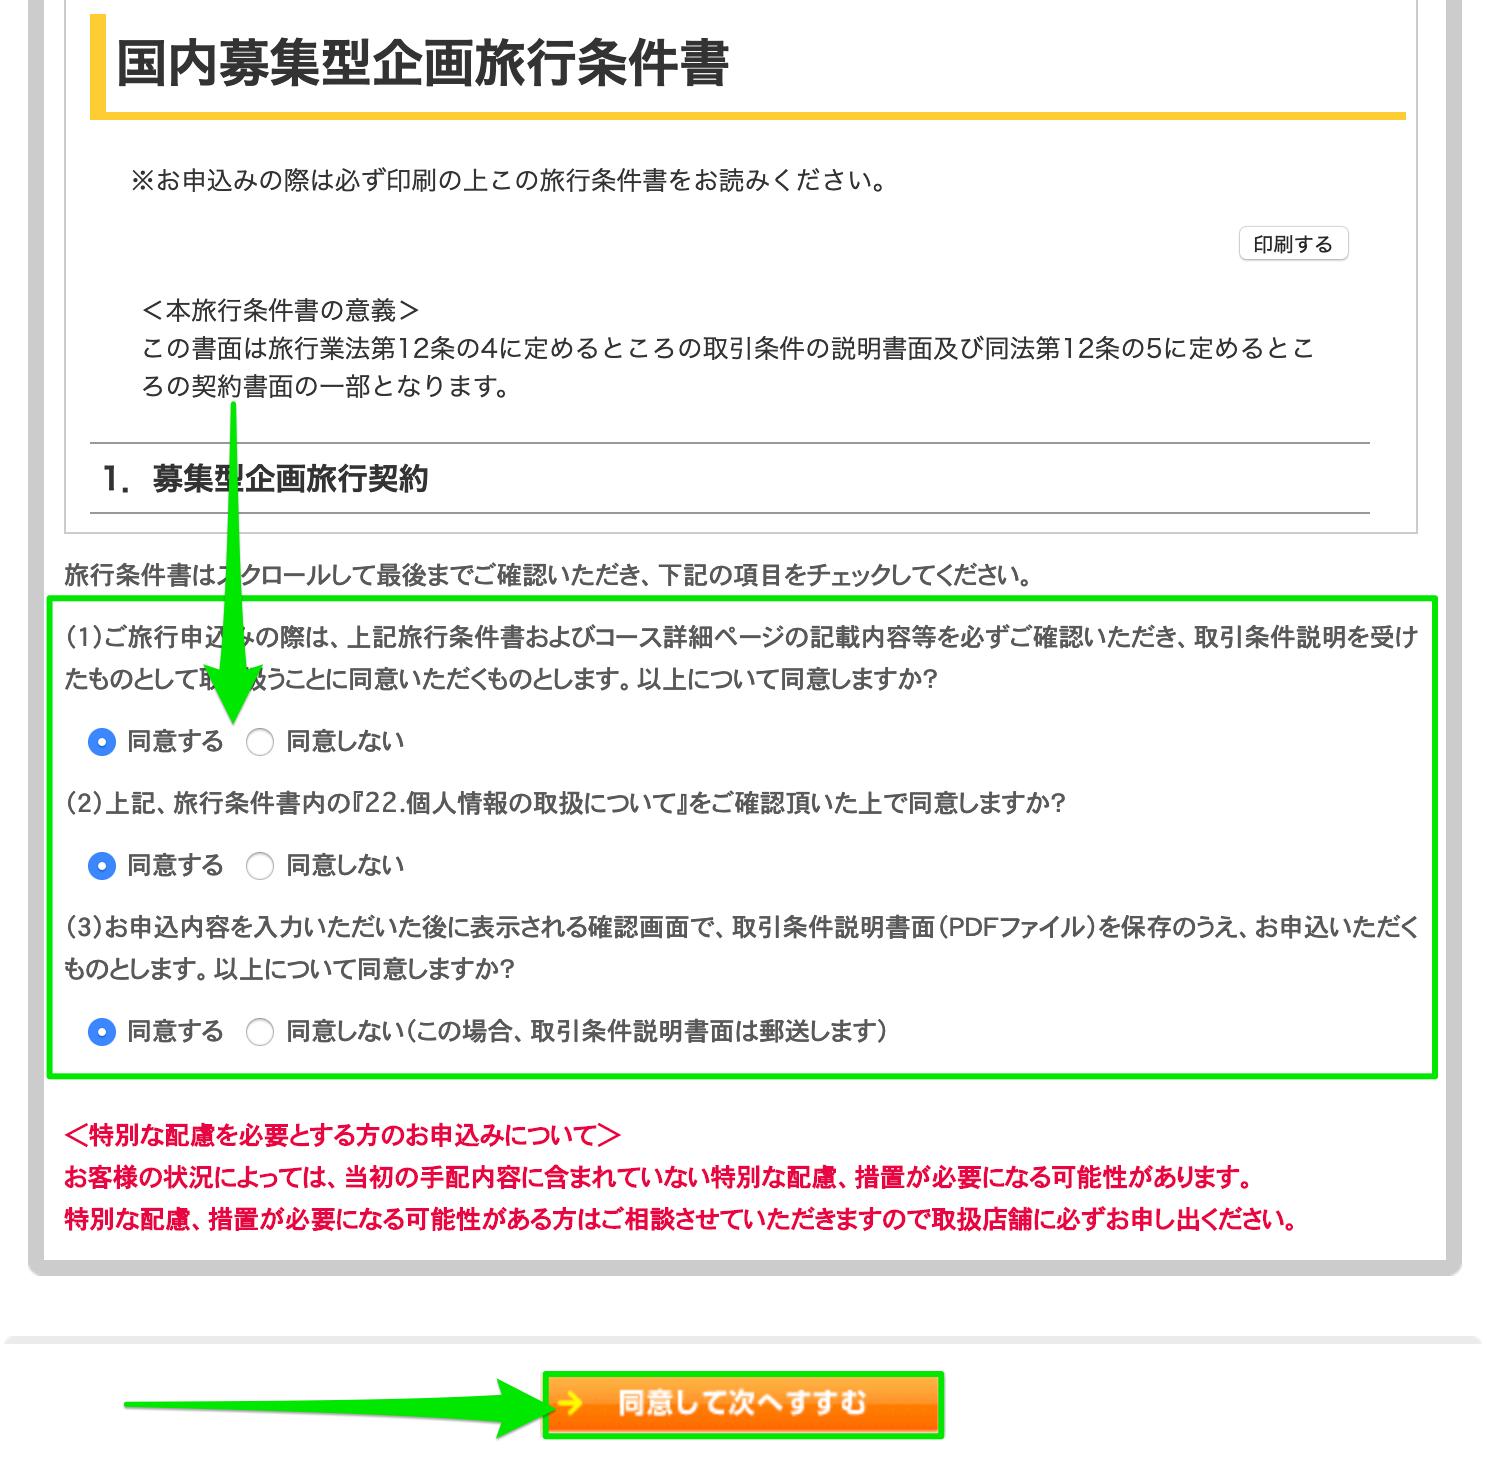 日本旅行の国内旅行規約書に同意